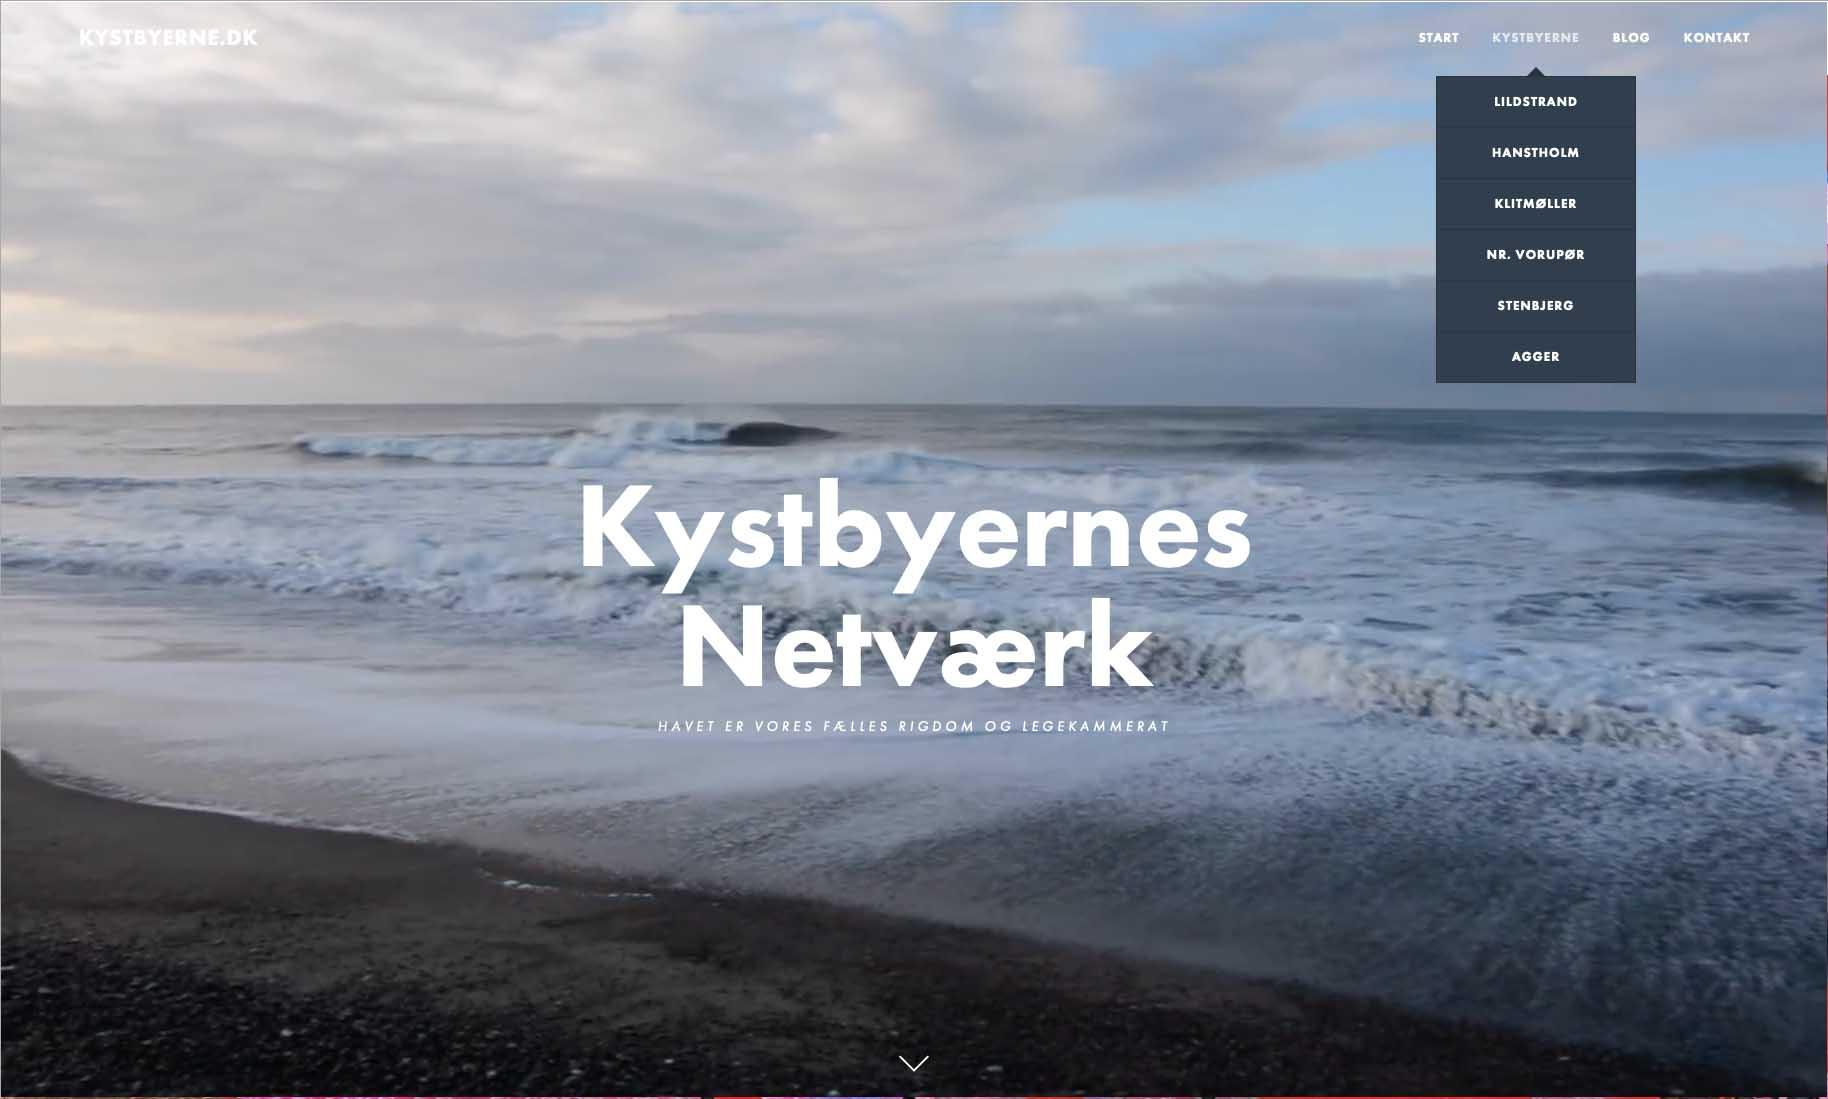 Website: Kystbyernes Netværk